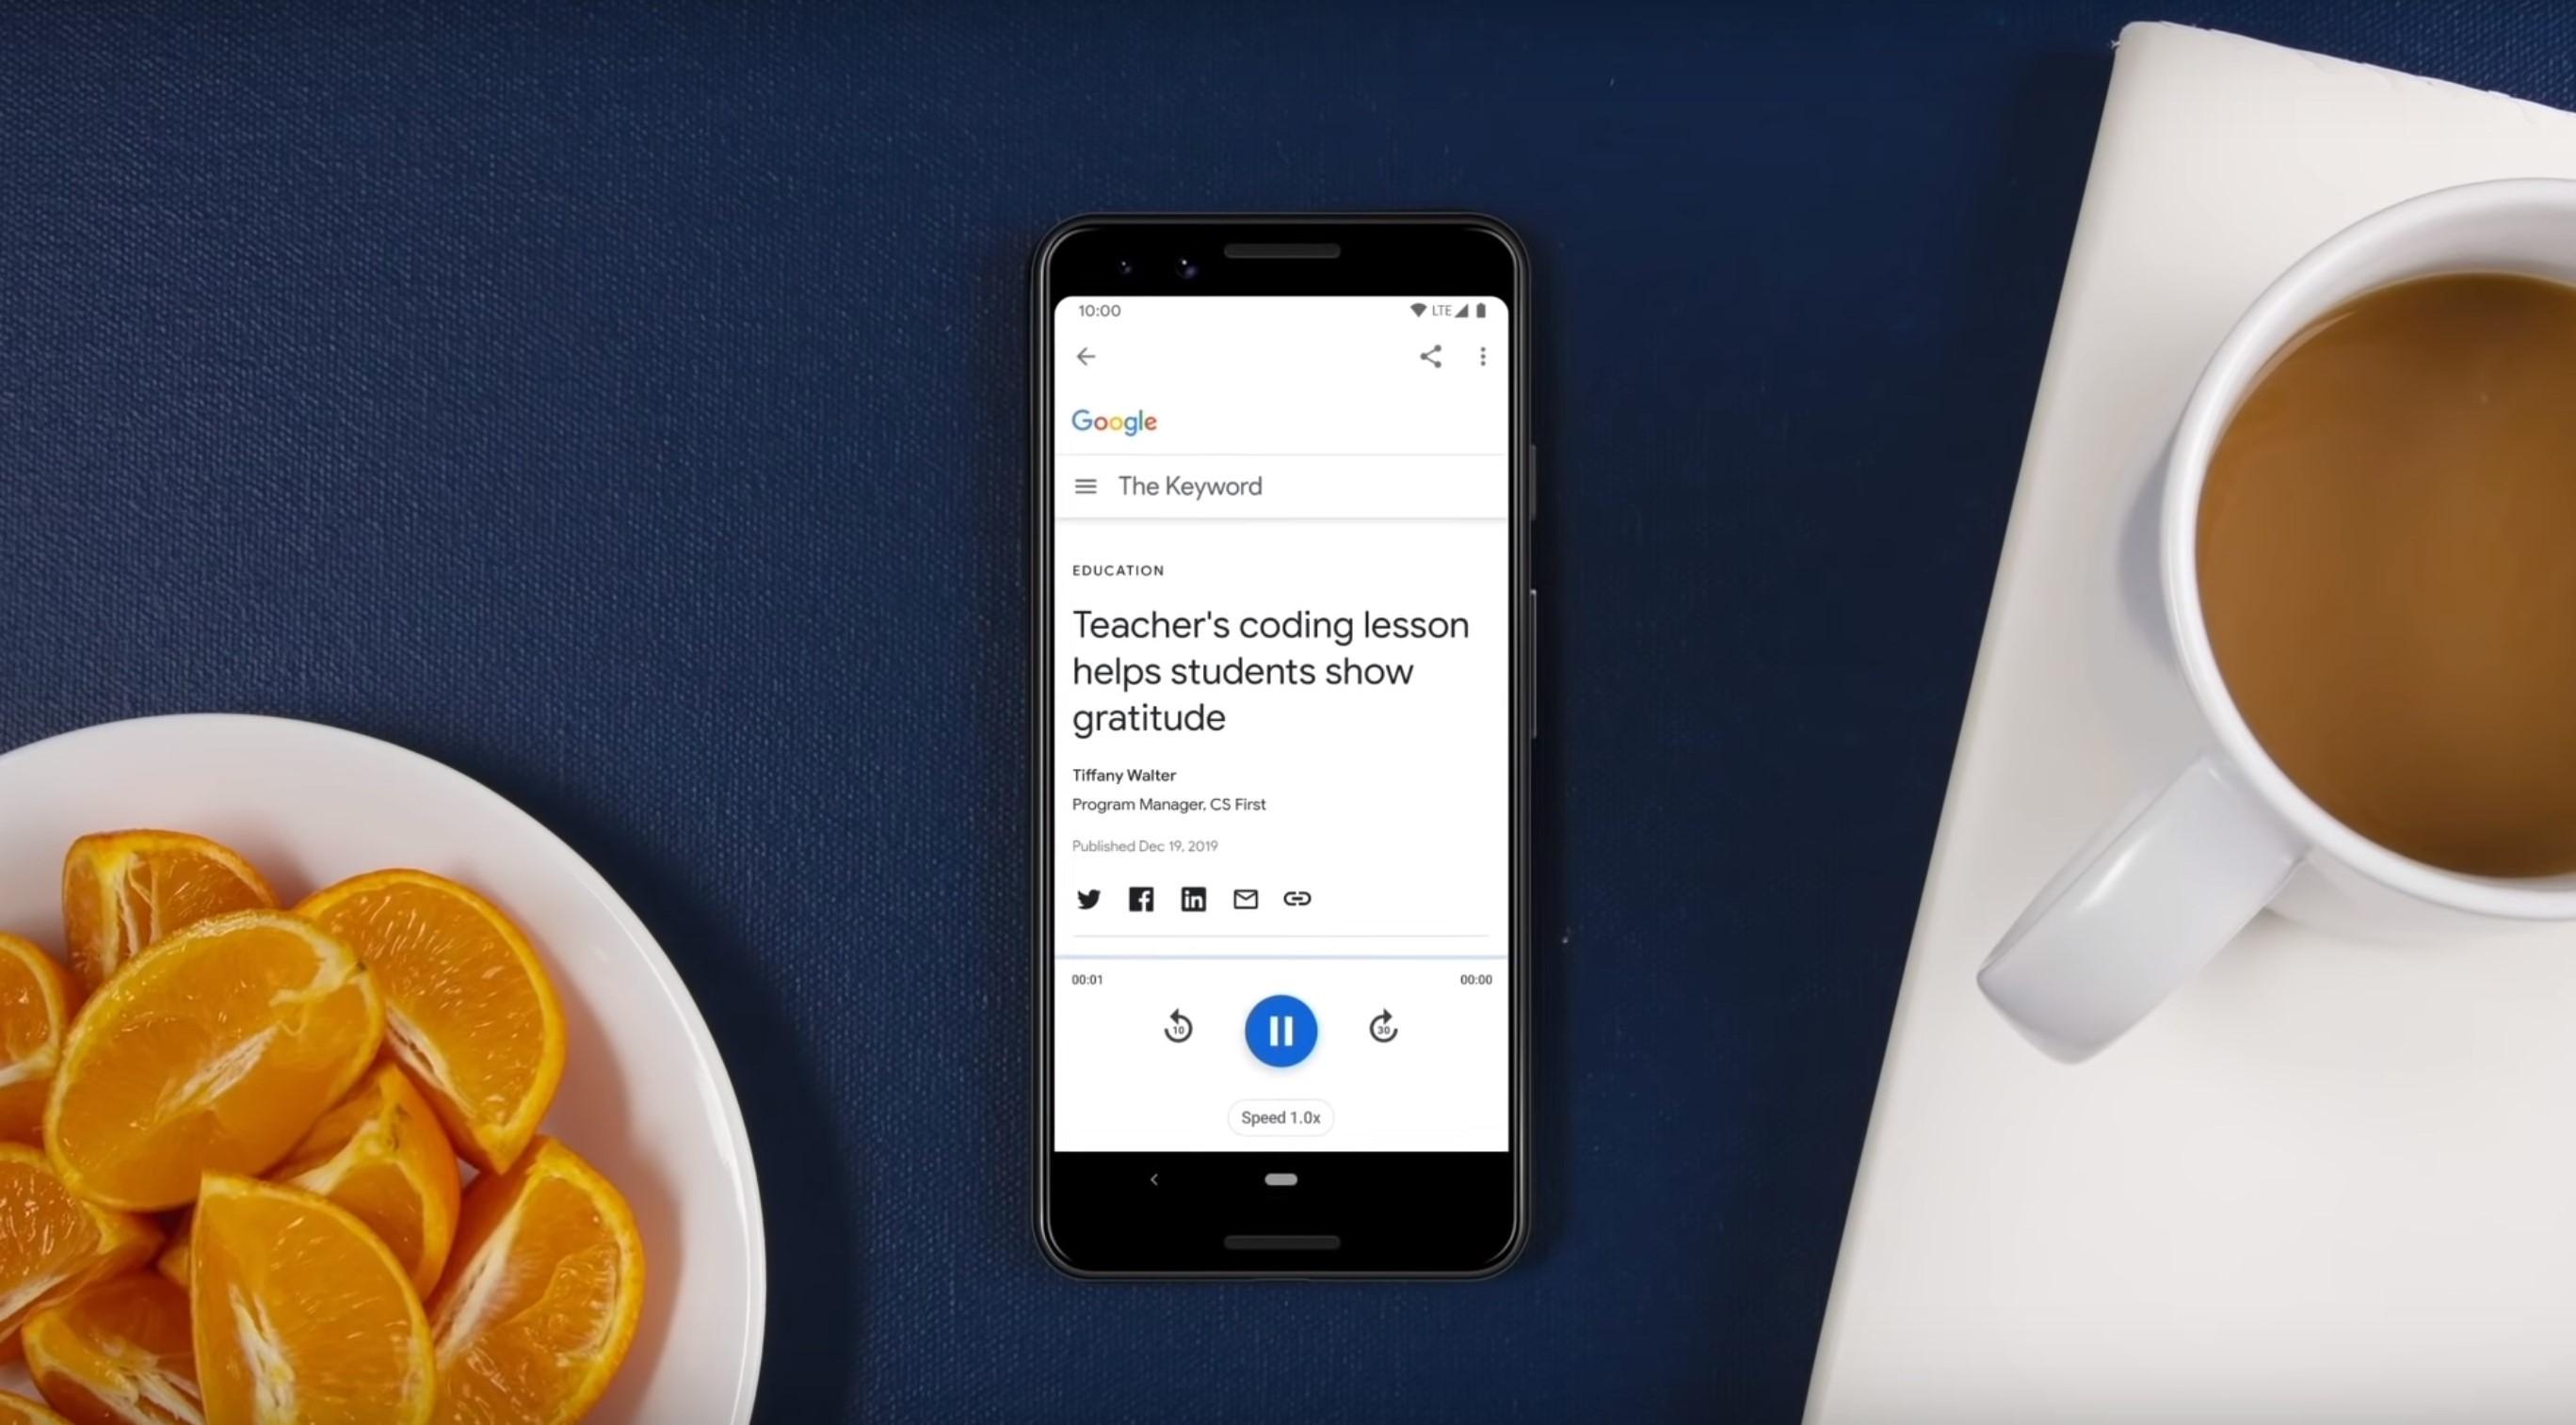 Google kończy sprzedaż smartfonów Pixel 3 i Pixel 3 XL, robiąc miejsce dla aktualnych modeli 22